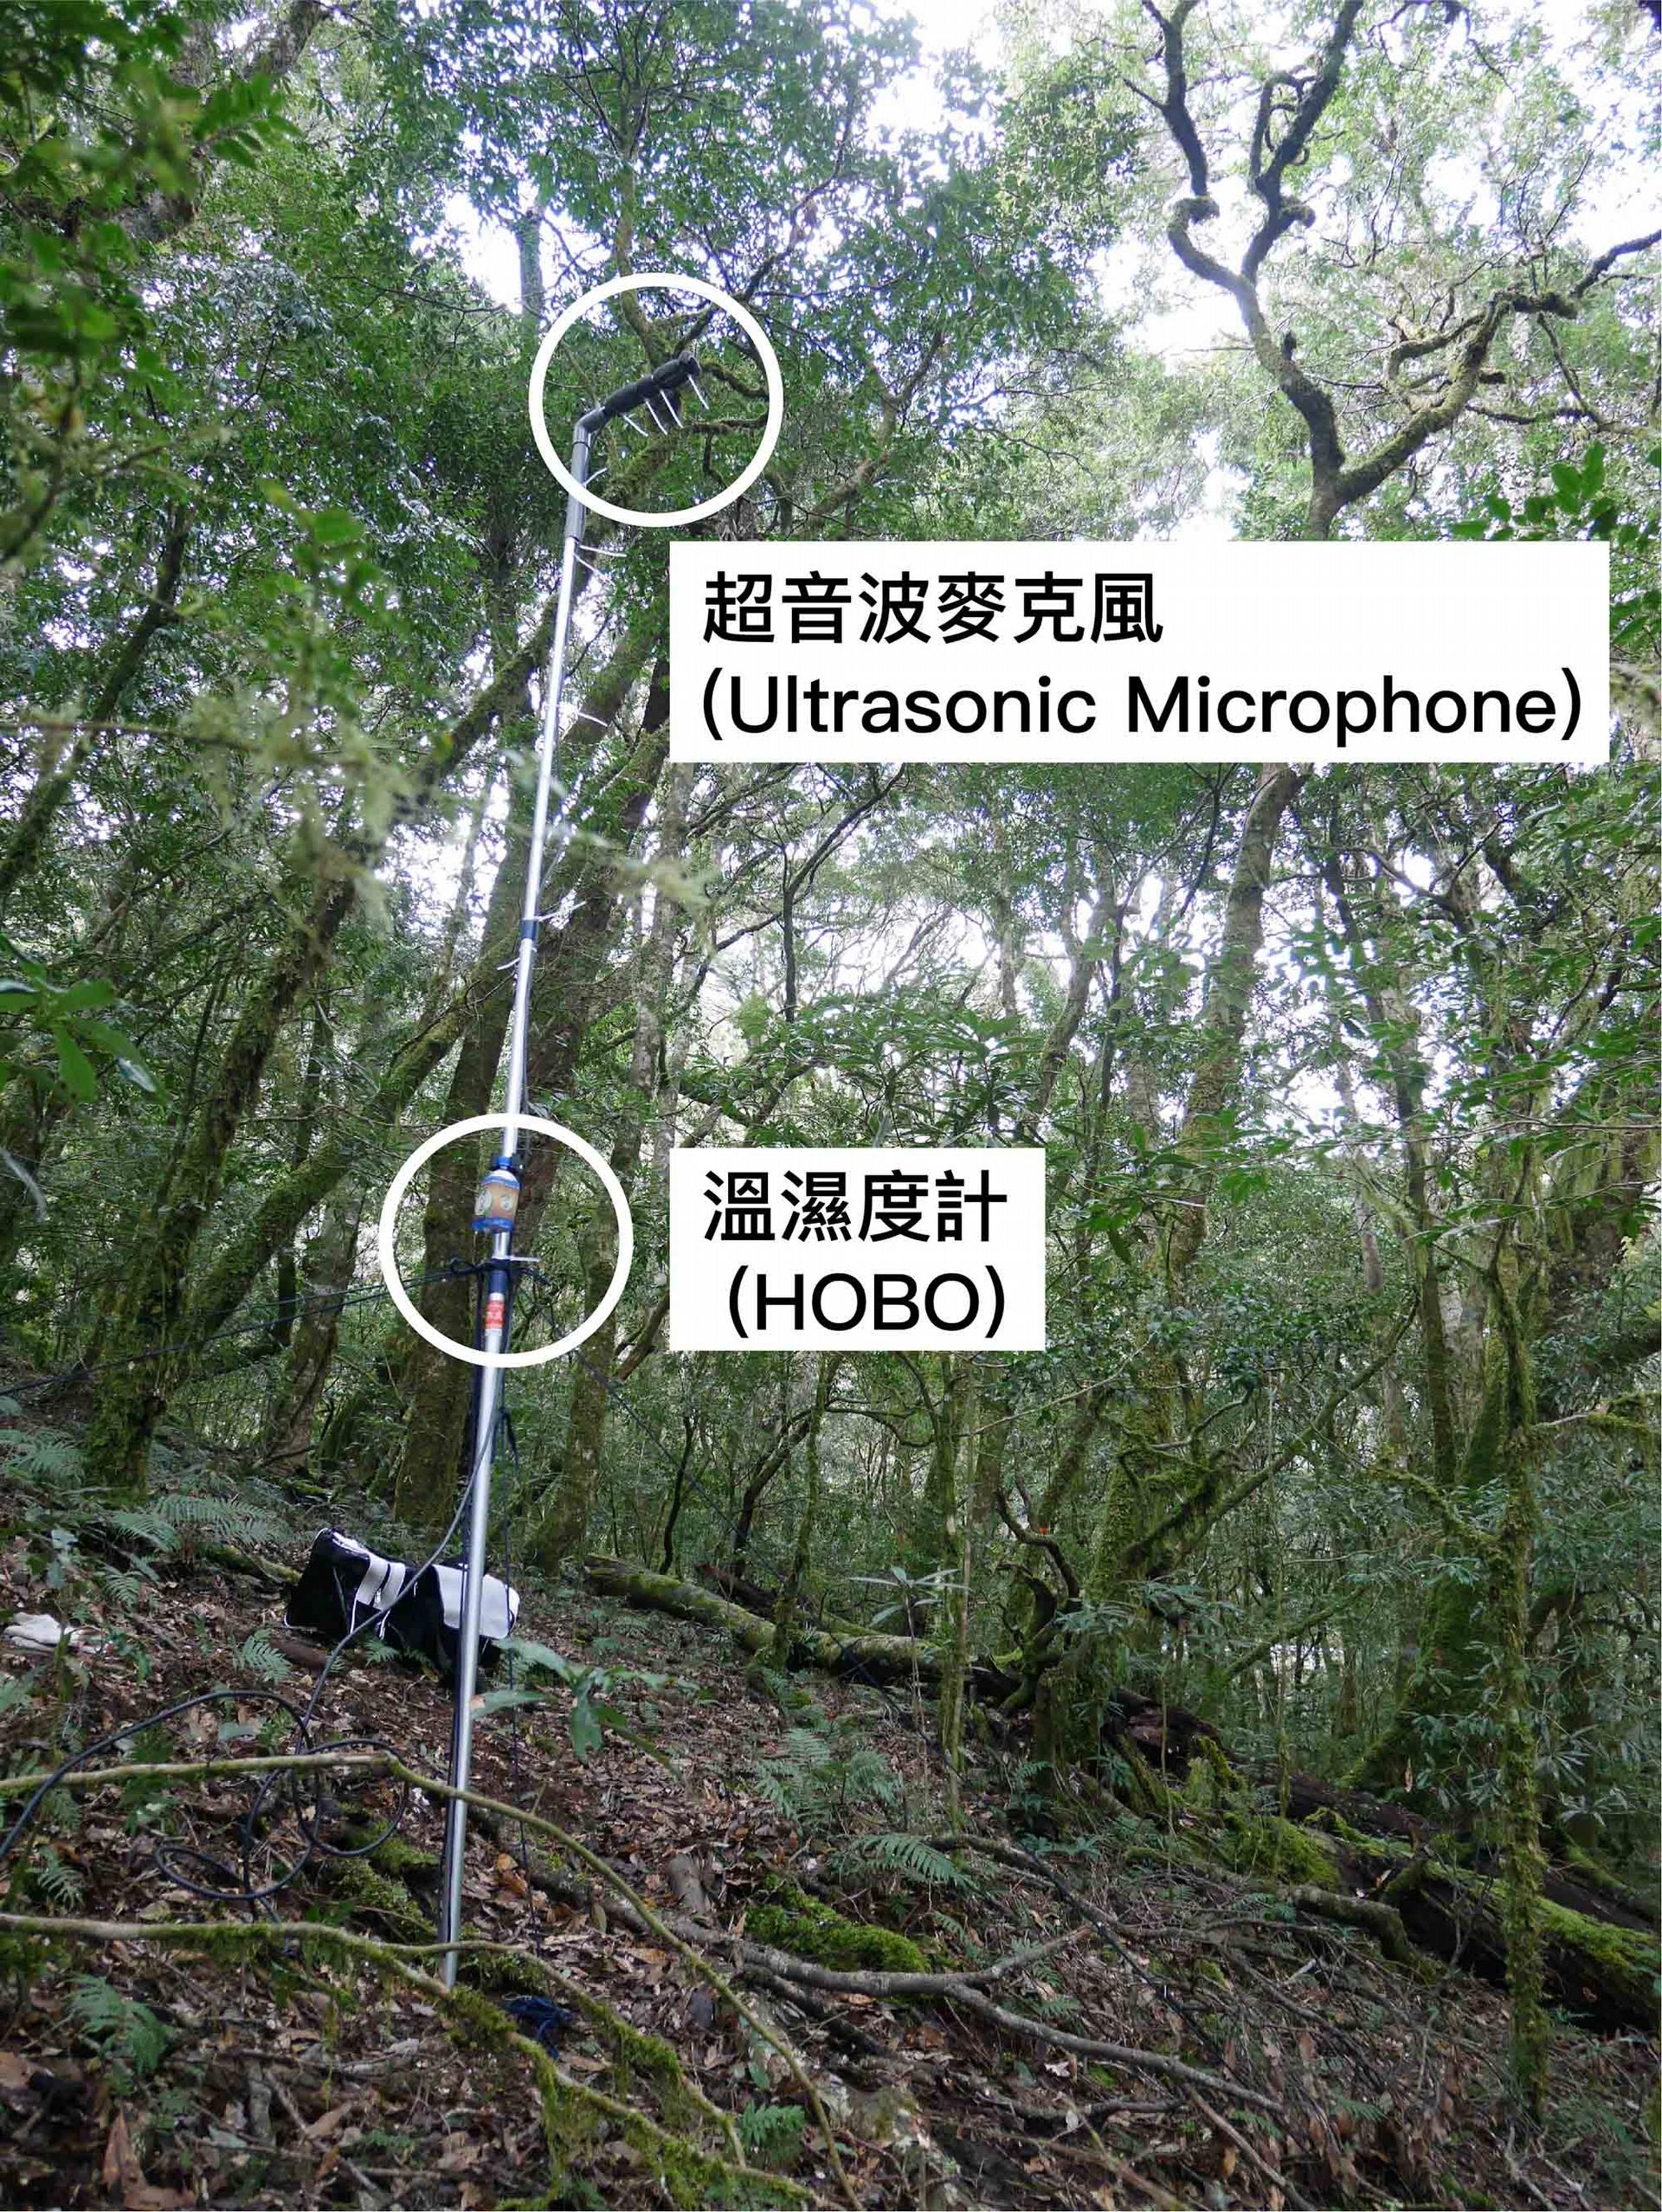 收錄蝙蝠聲音的超音波麥克風 (Ultrasonic Microphone) 與溫濕度計 (HOBO)。 圖│端木茂甯、李佳紜